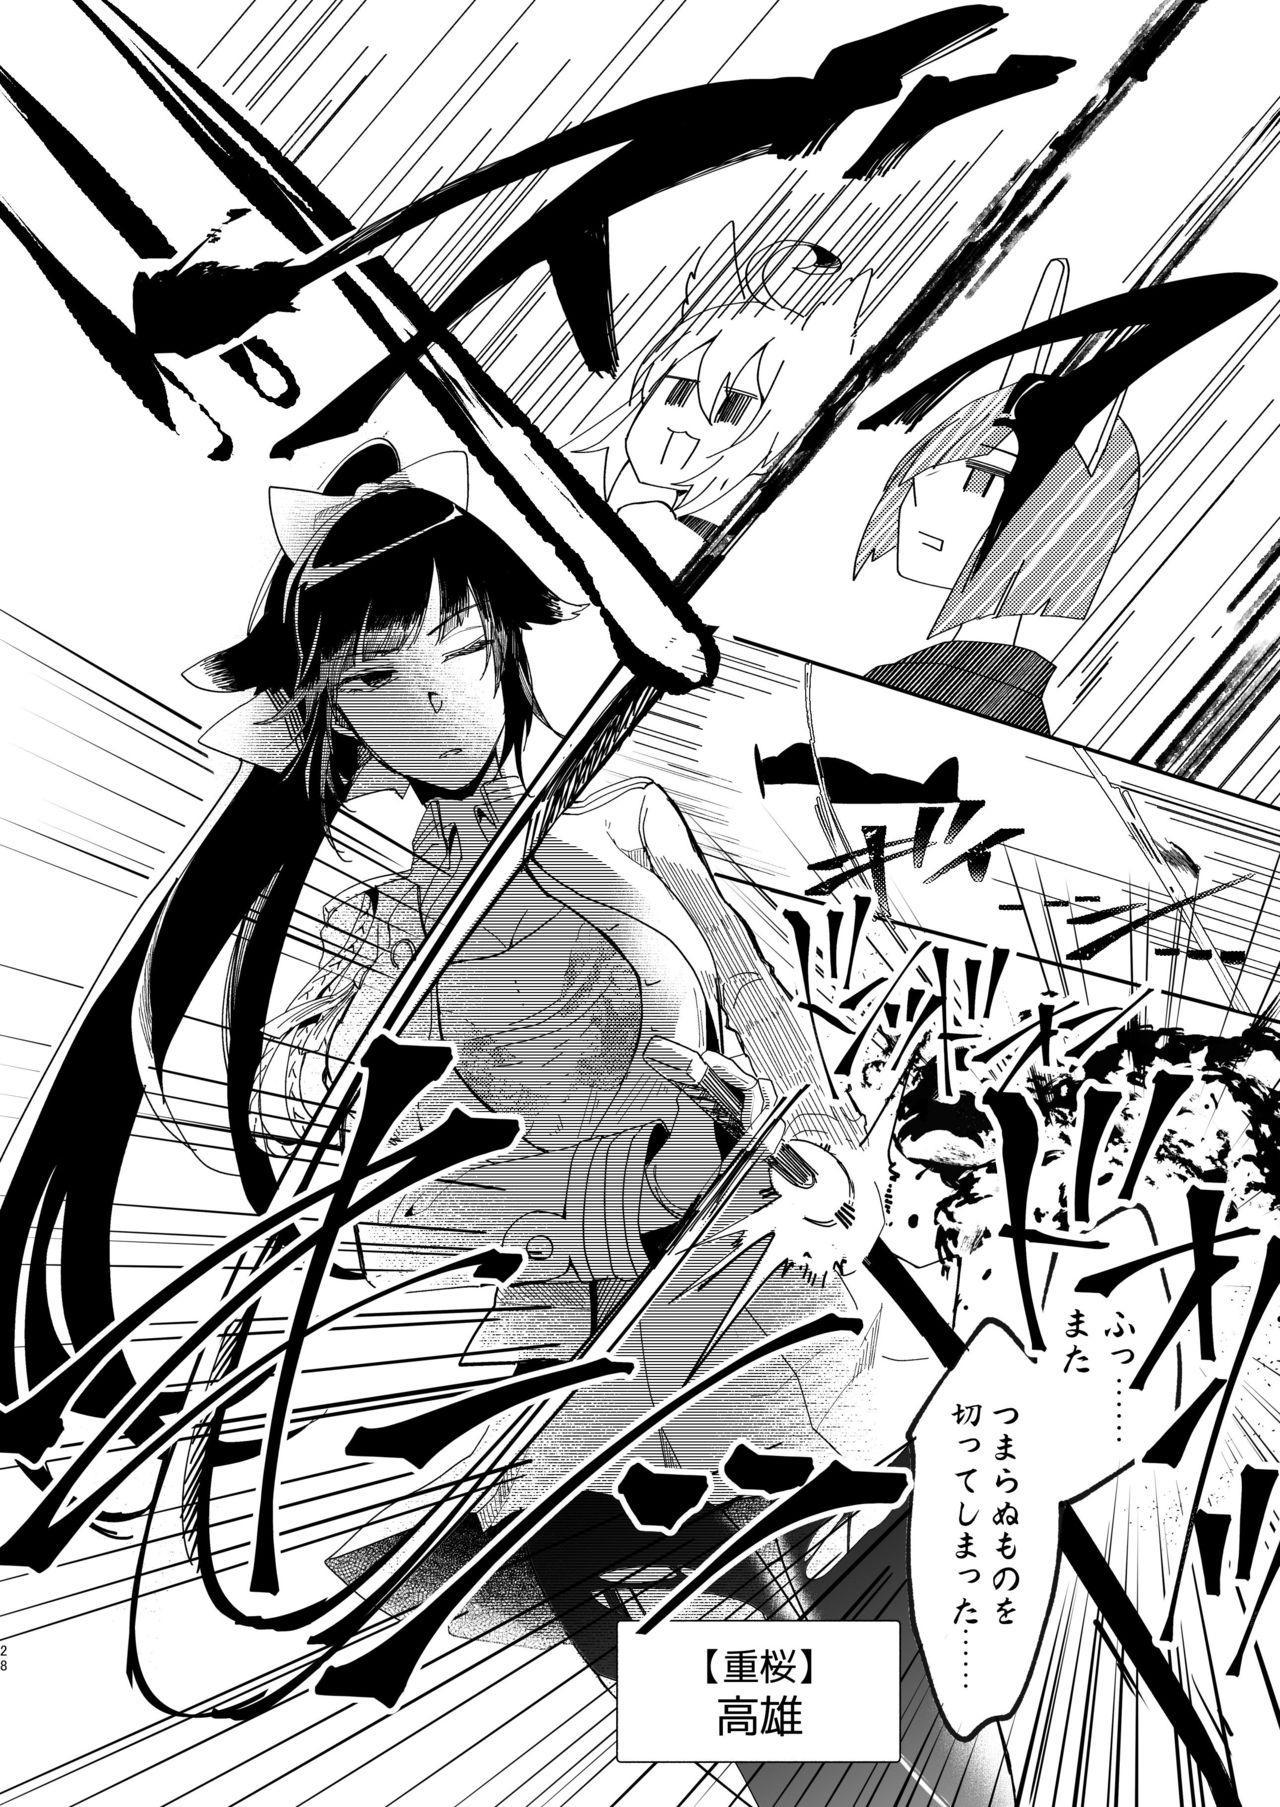 Kitai no Shisugi wa Kinmotsu desu! - Sticks are not necessarily buff 26